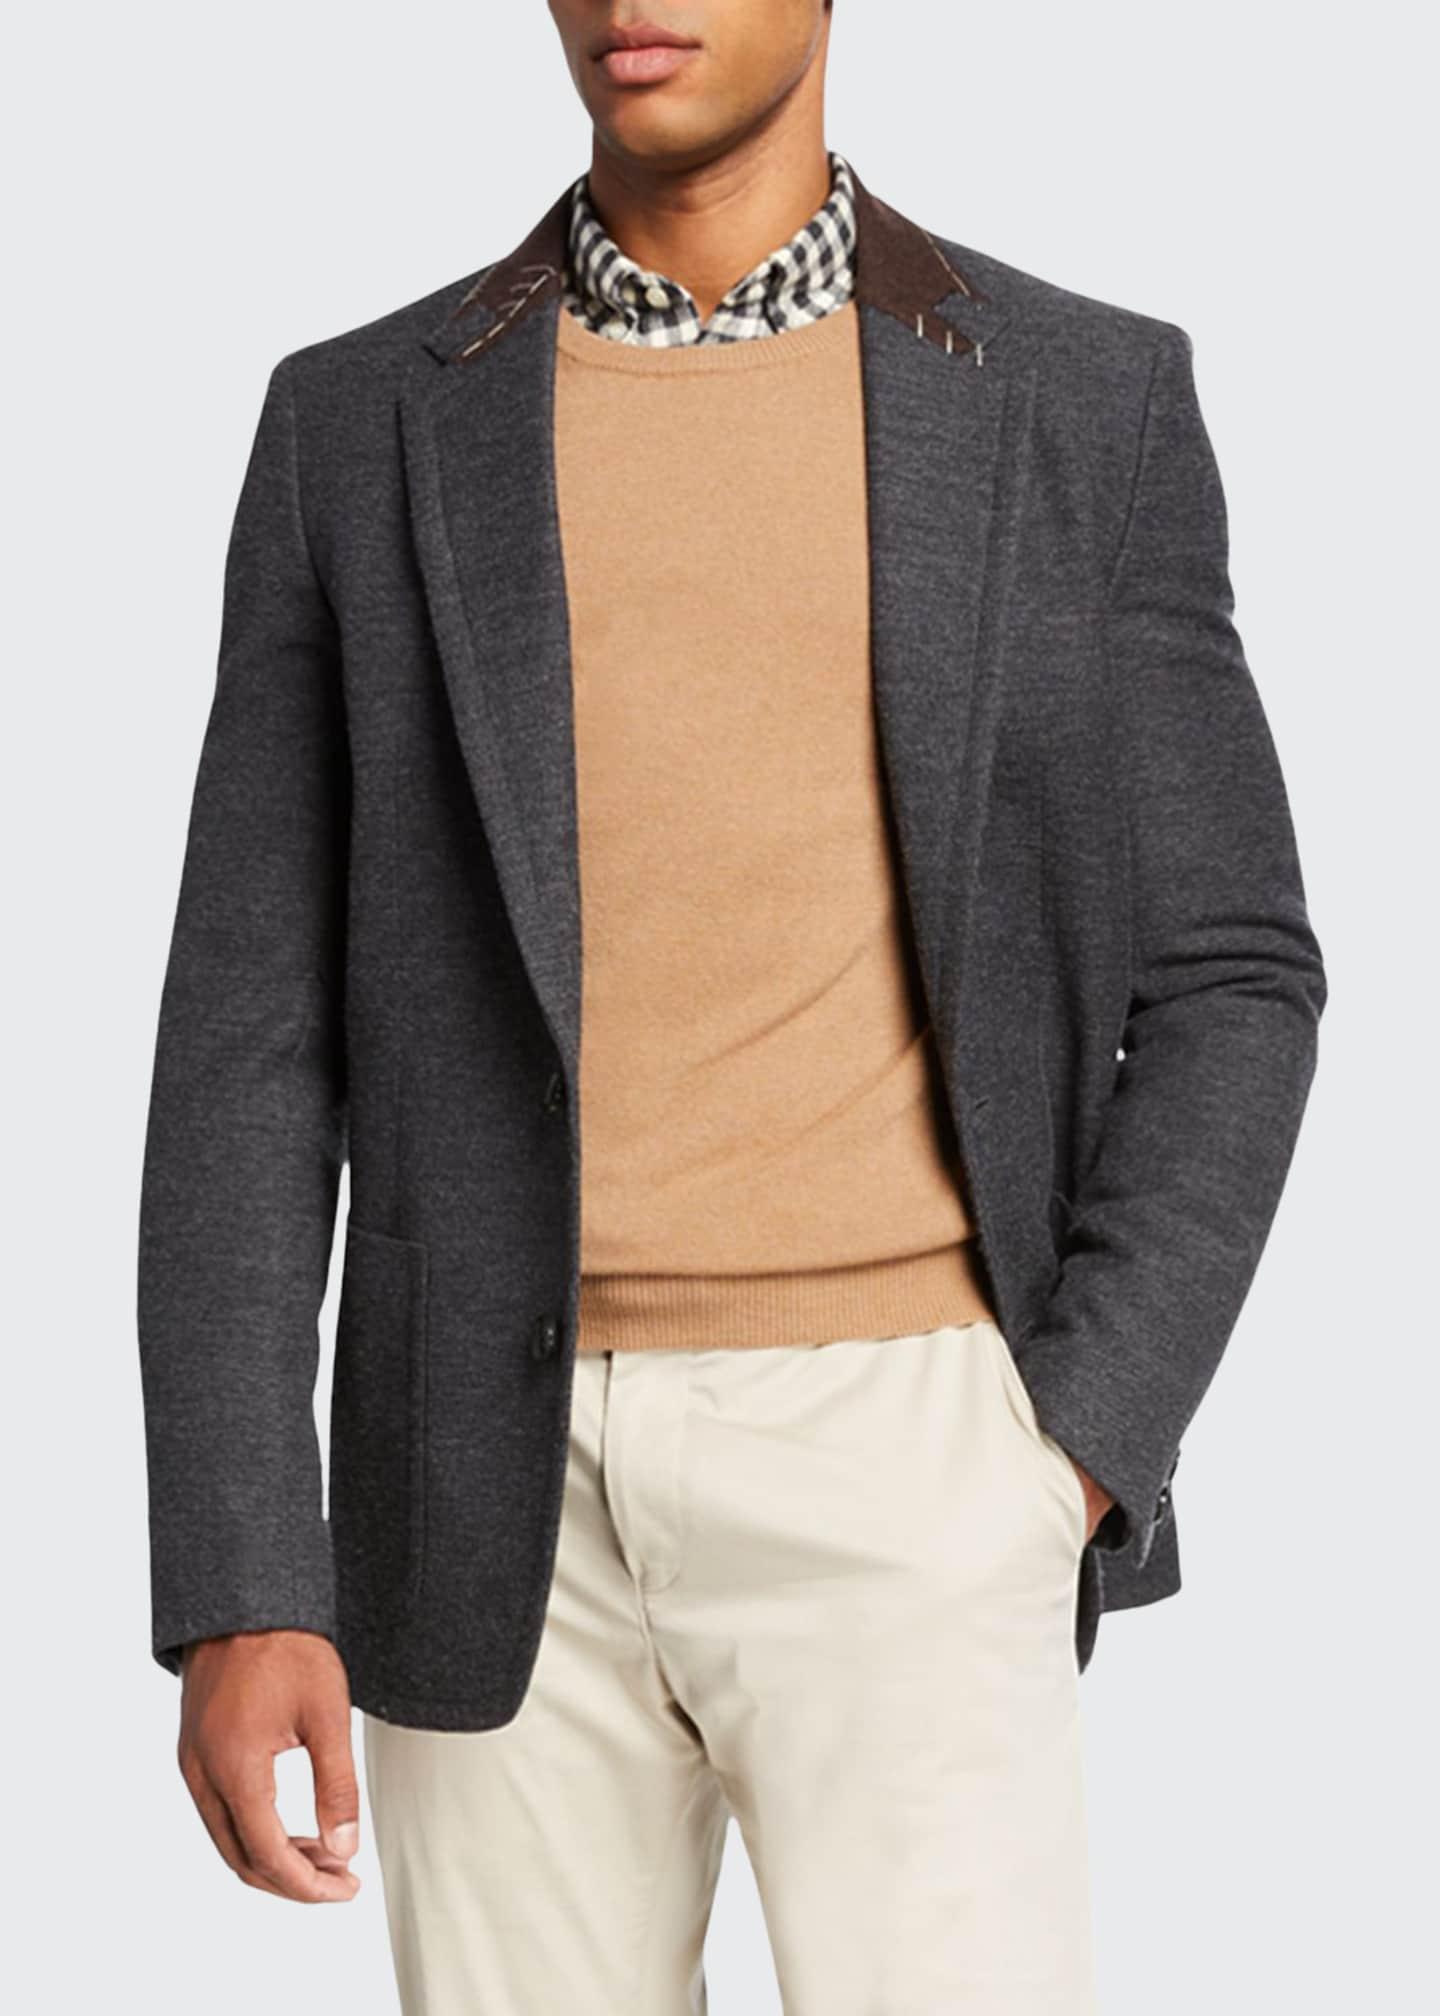 Kolor Men's Wool-Blend Sport Jacket w/ Stitched Contrast